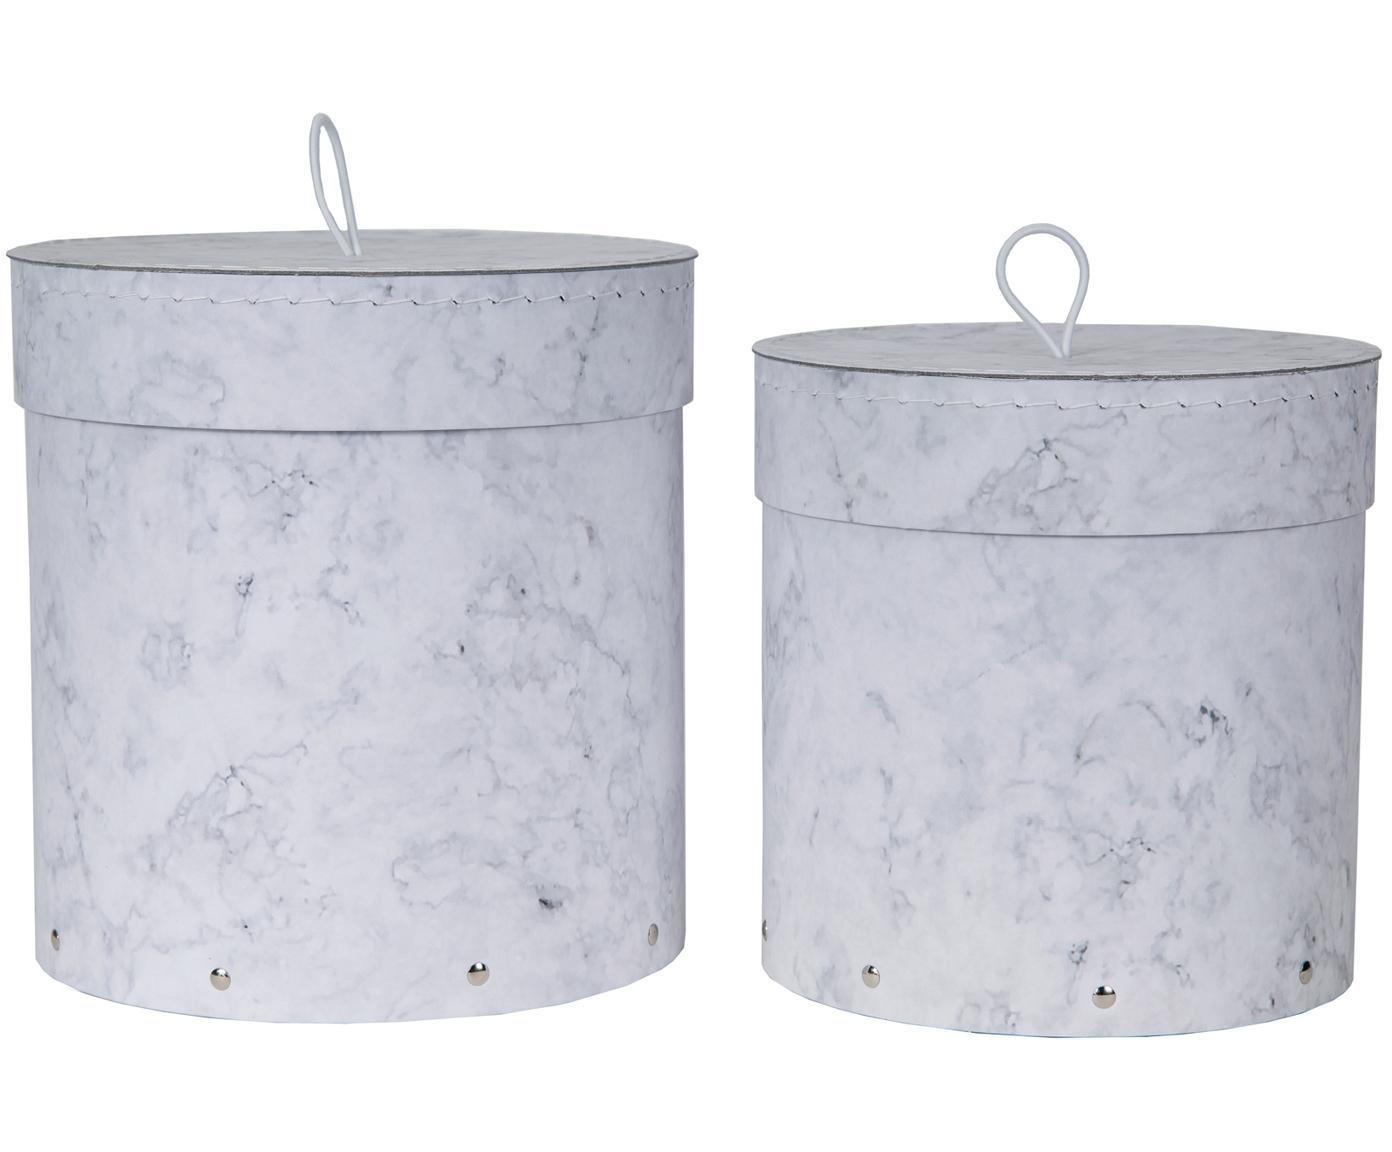 Aufbewahrungsboxen-Set Hanna, 2-tlg., Box: Fester, laminierter Karto, Griff: Gummi, Weiss, marmoriert, Verschiedene Grössen